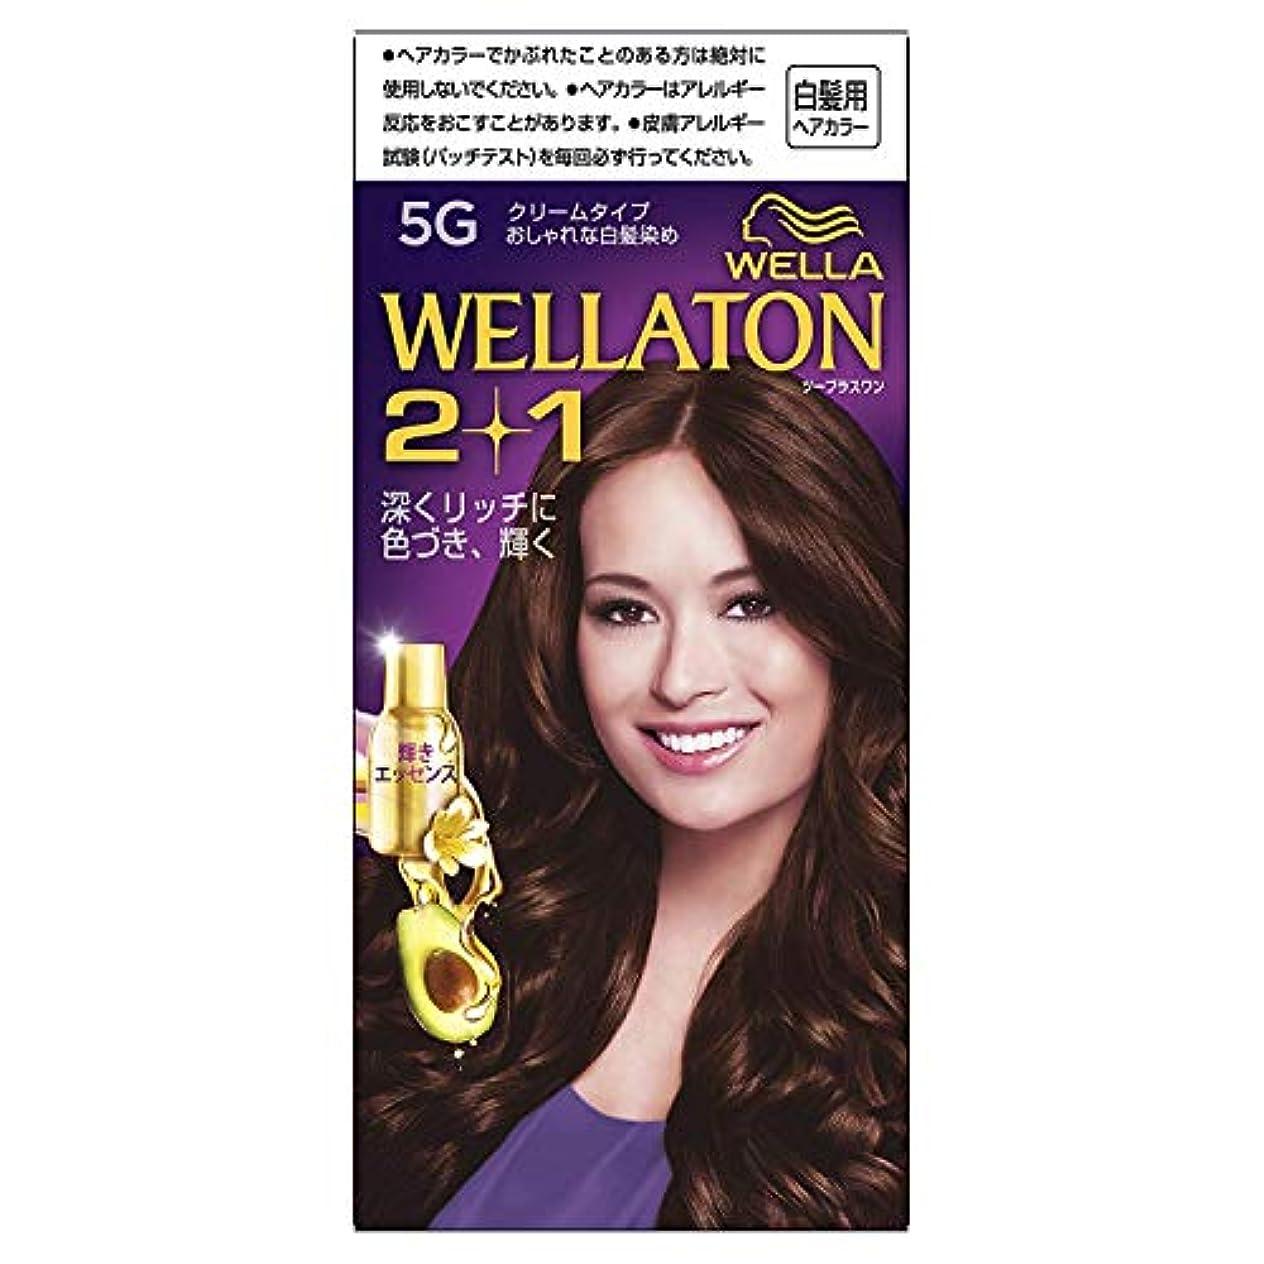 許される受粉者広範囲にウエラトーン2+1 クリームタイプ 5G [医薬部外品] ×3個